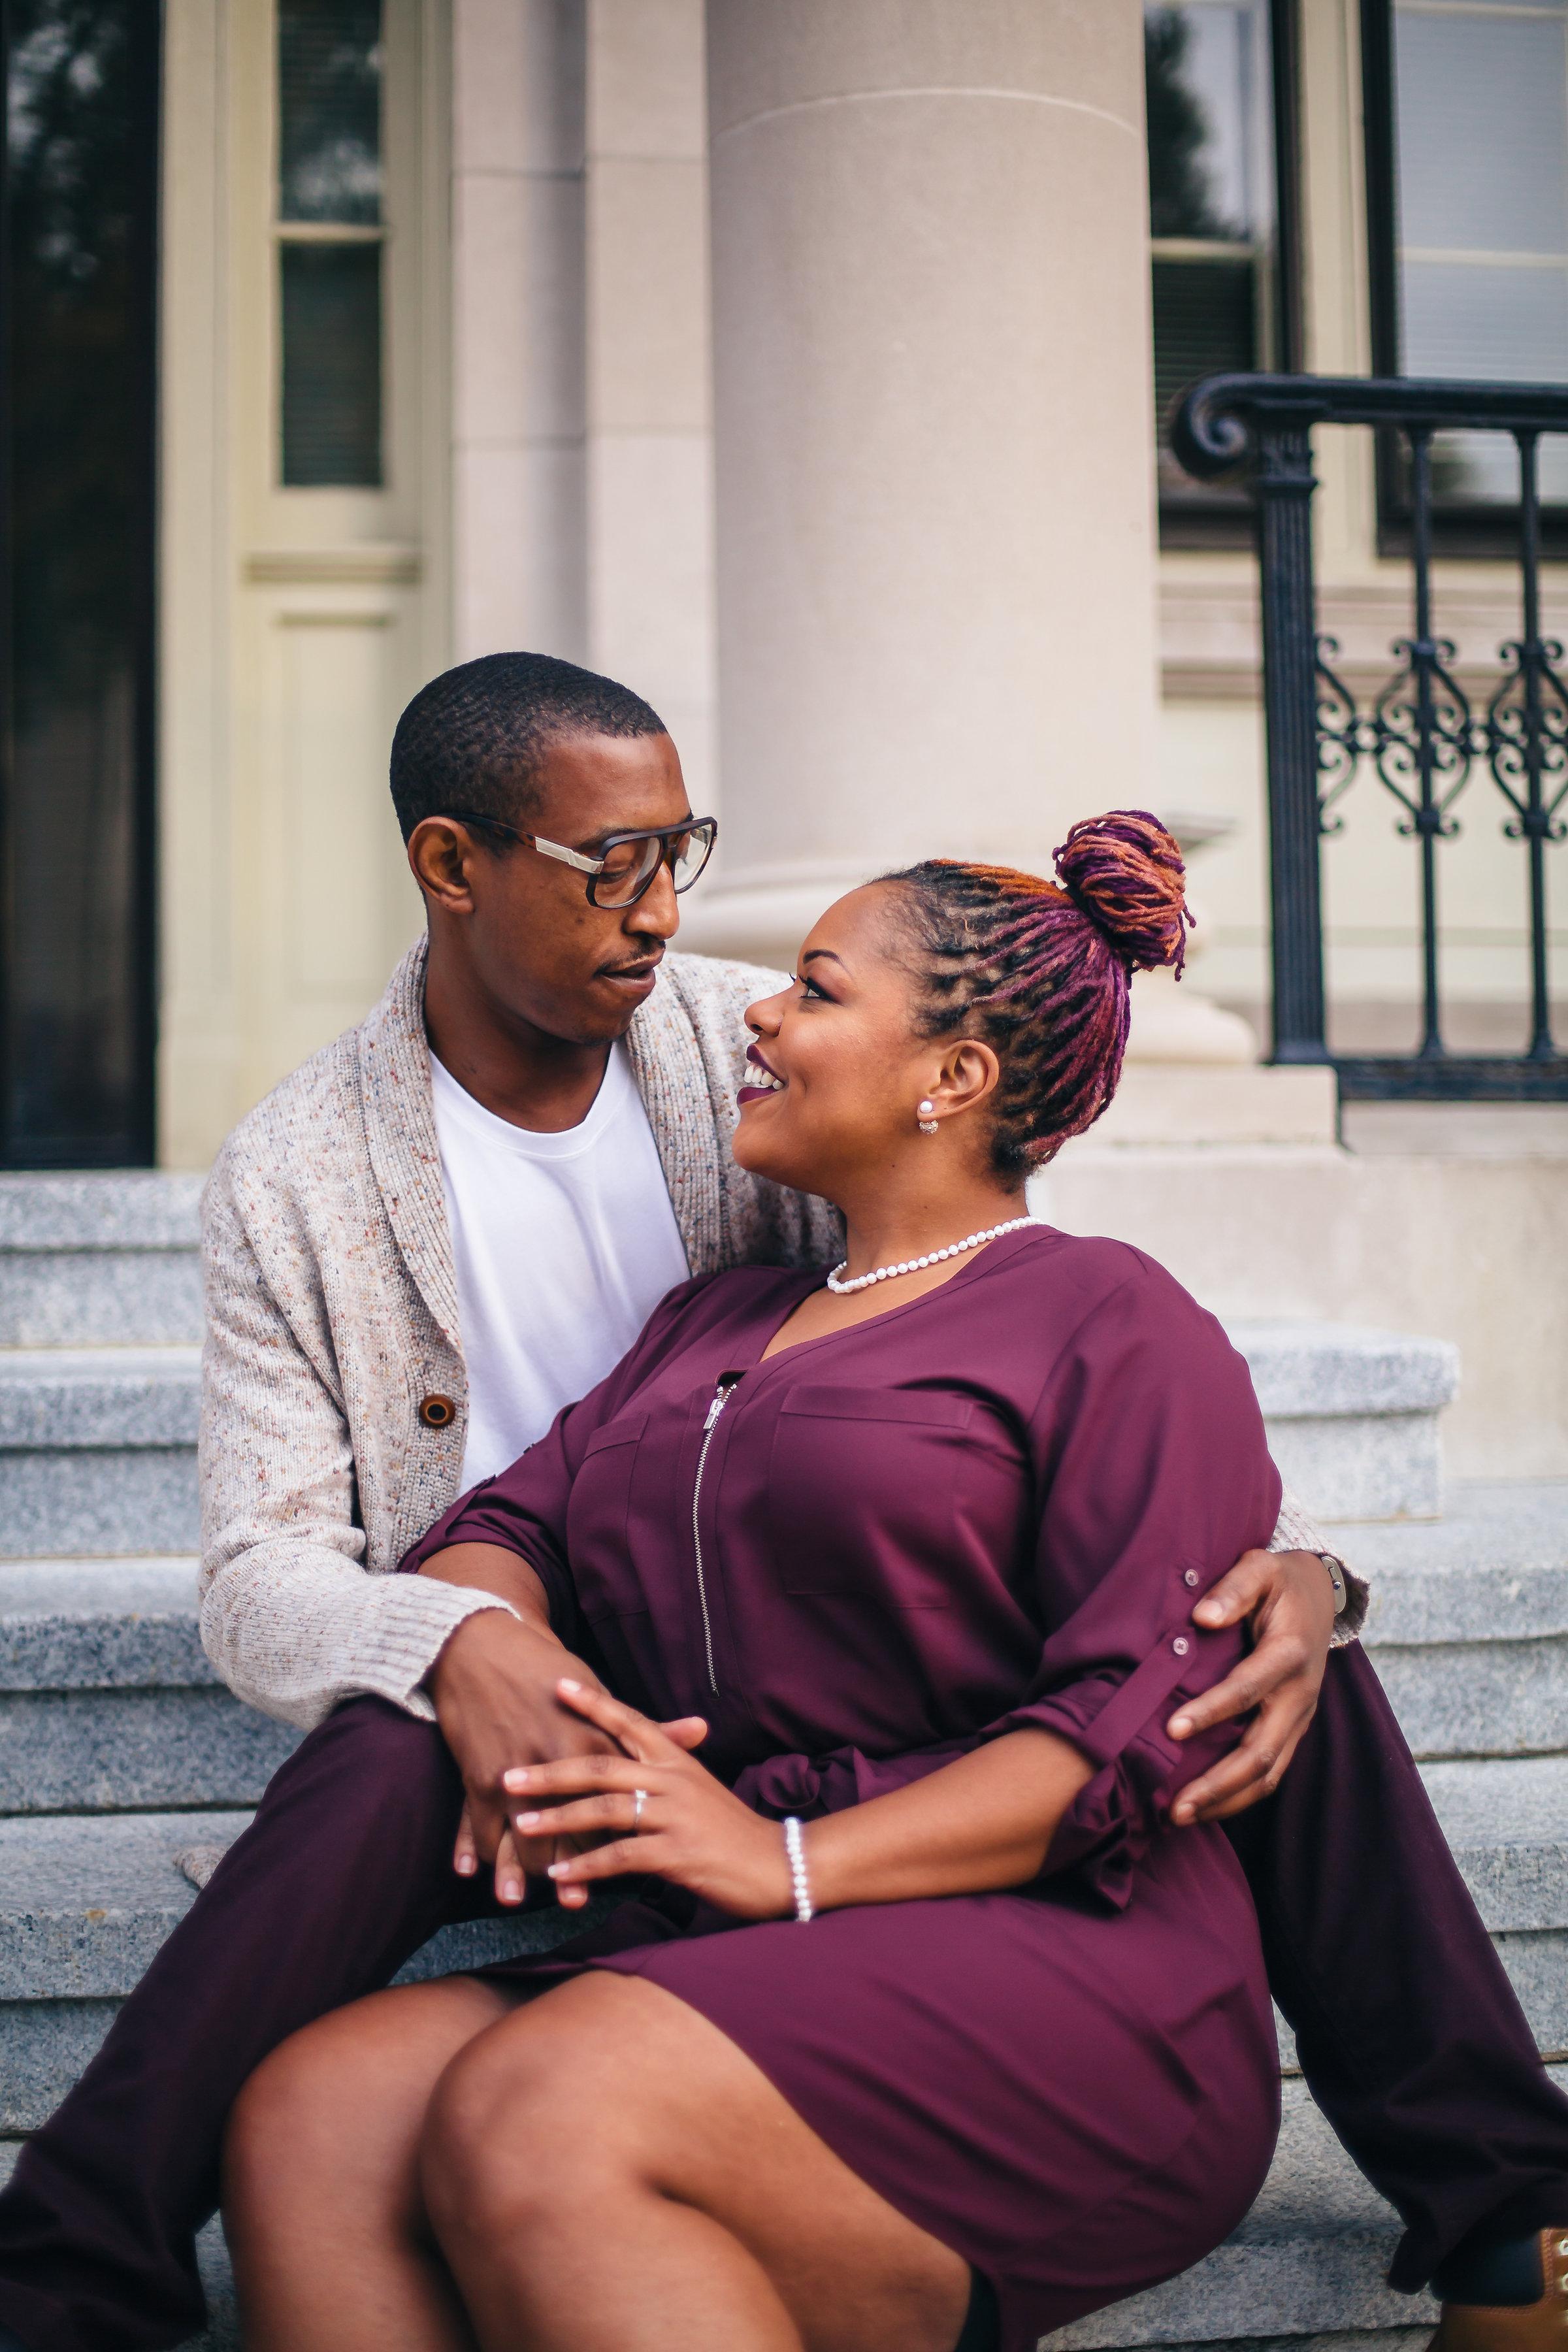 Adriane + Caldwell | Engagement Photos | Greenville NC Wedding Photographer | Bryant Devon Creative Services | www.imbryantdevon.com